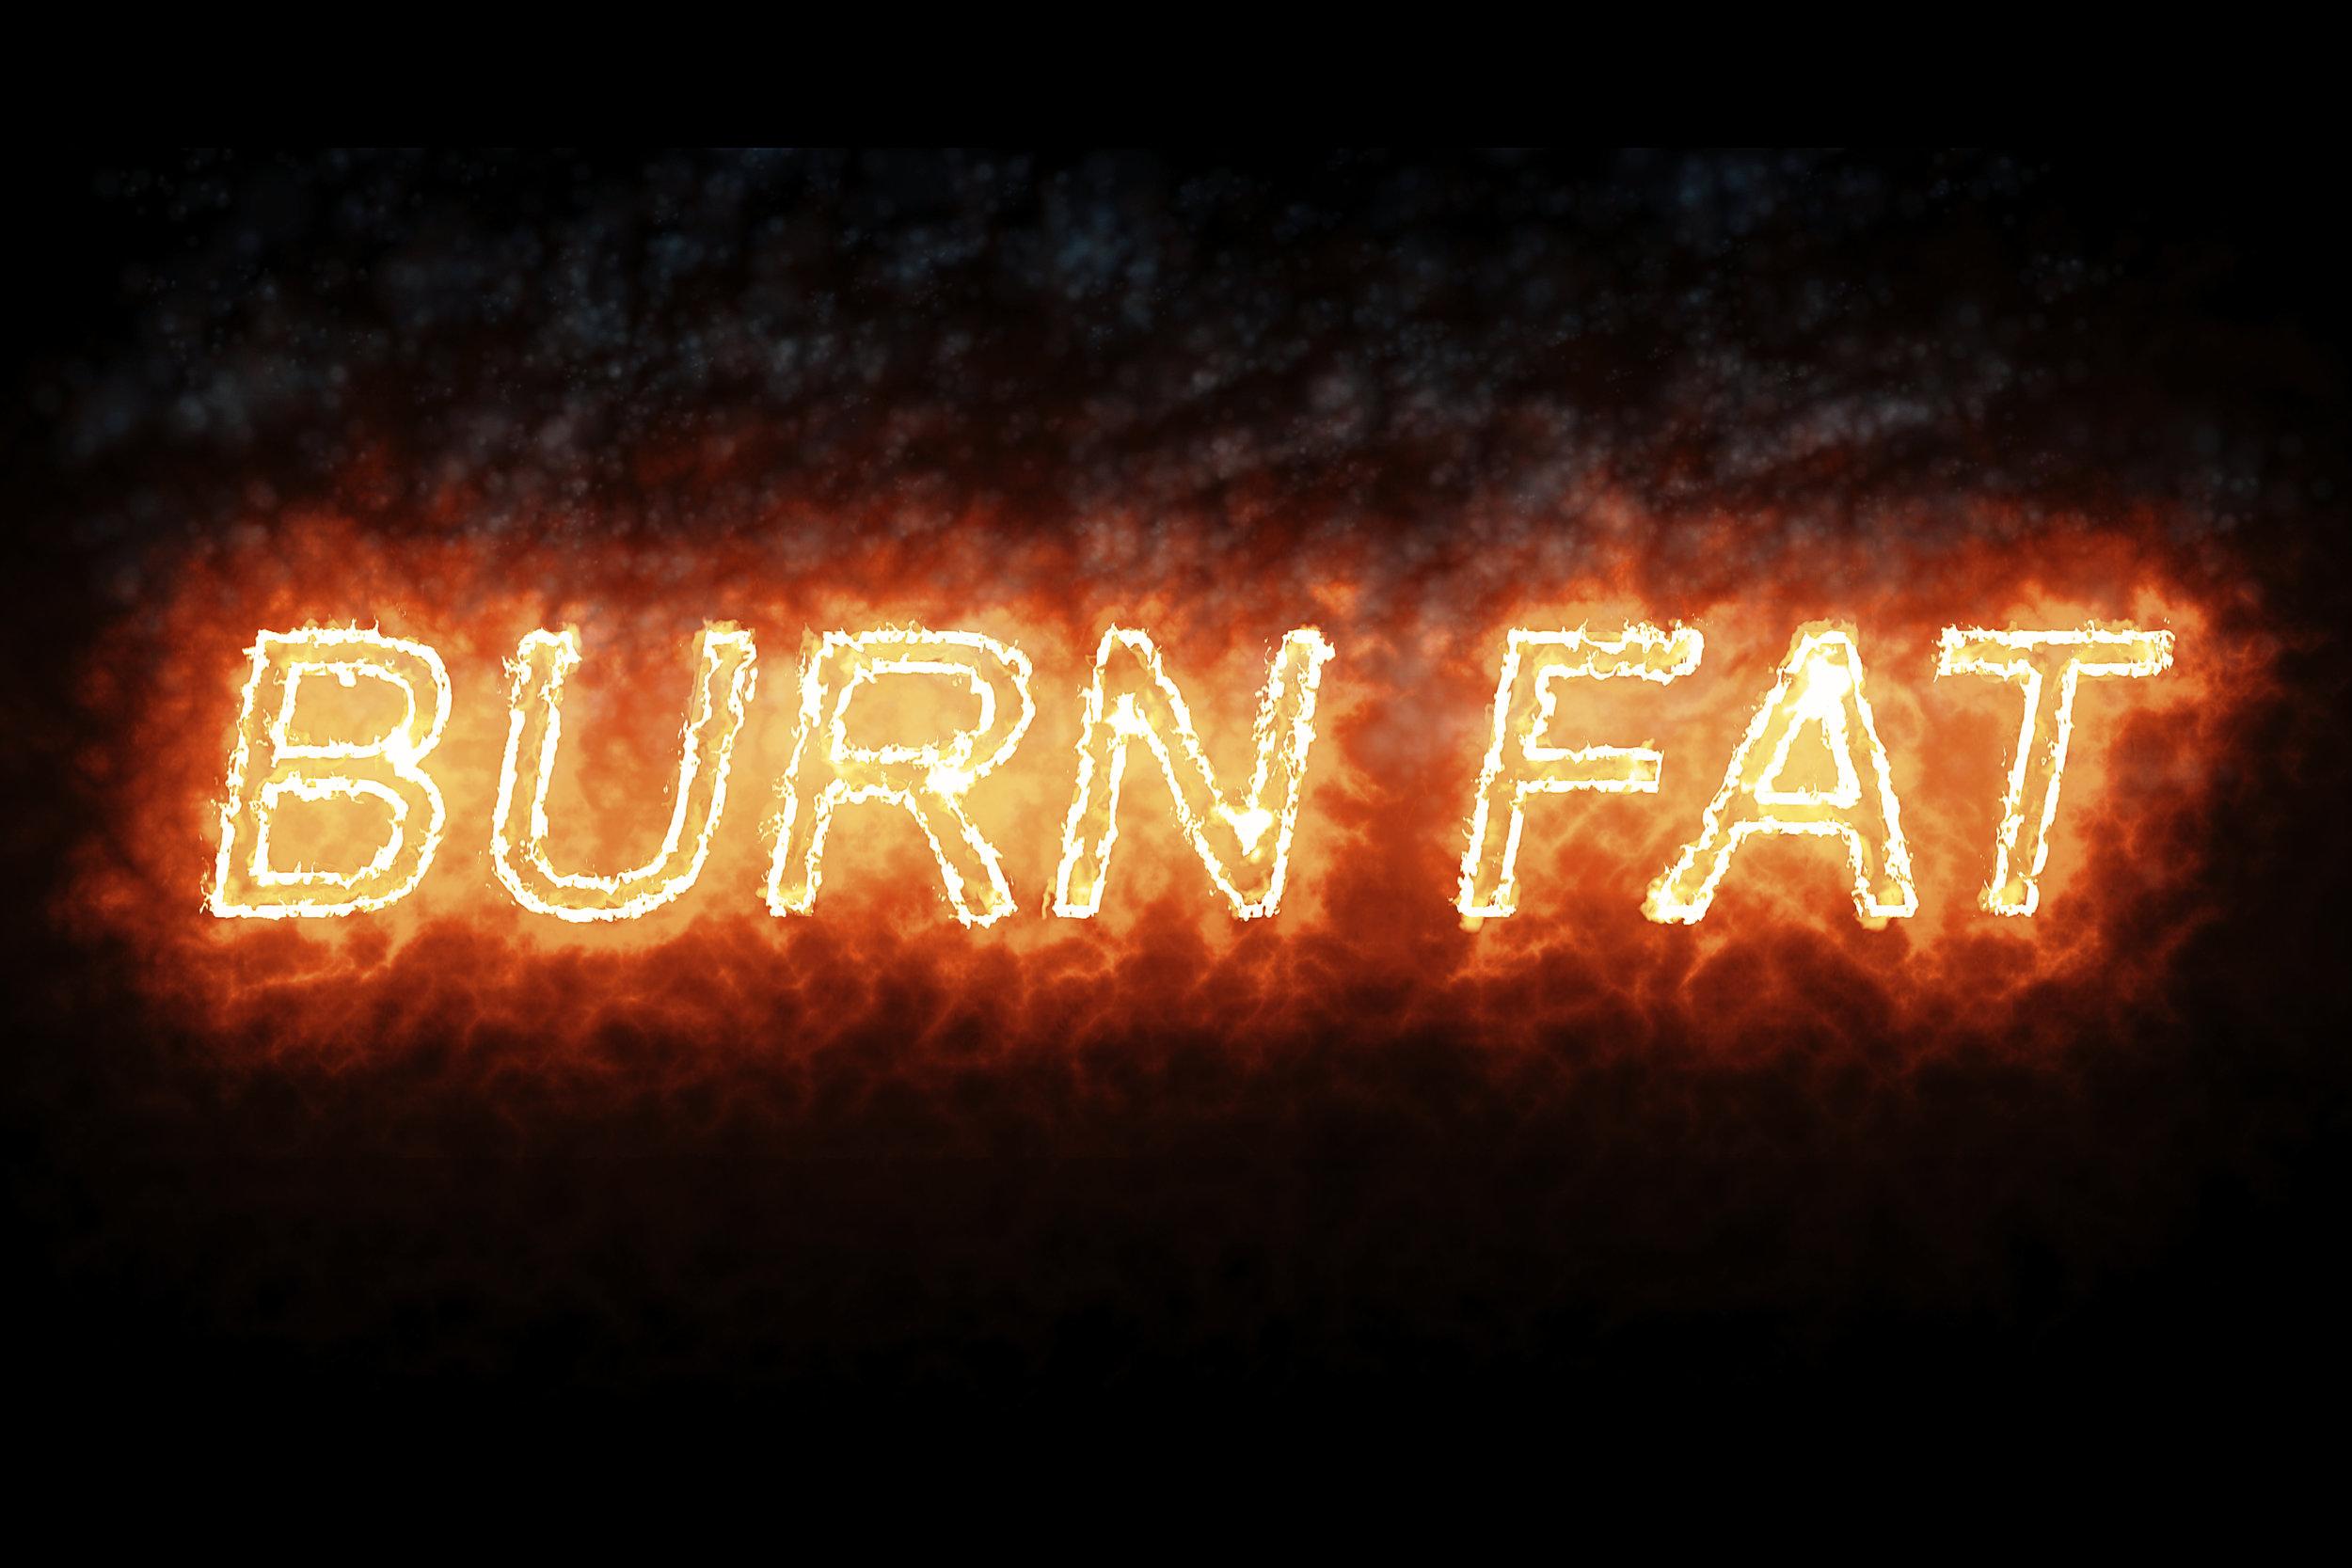 BWFS Burn Fat.jpg